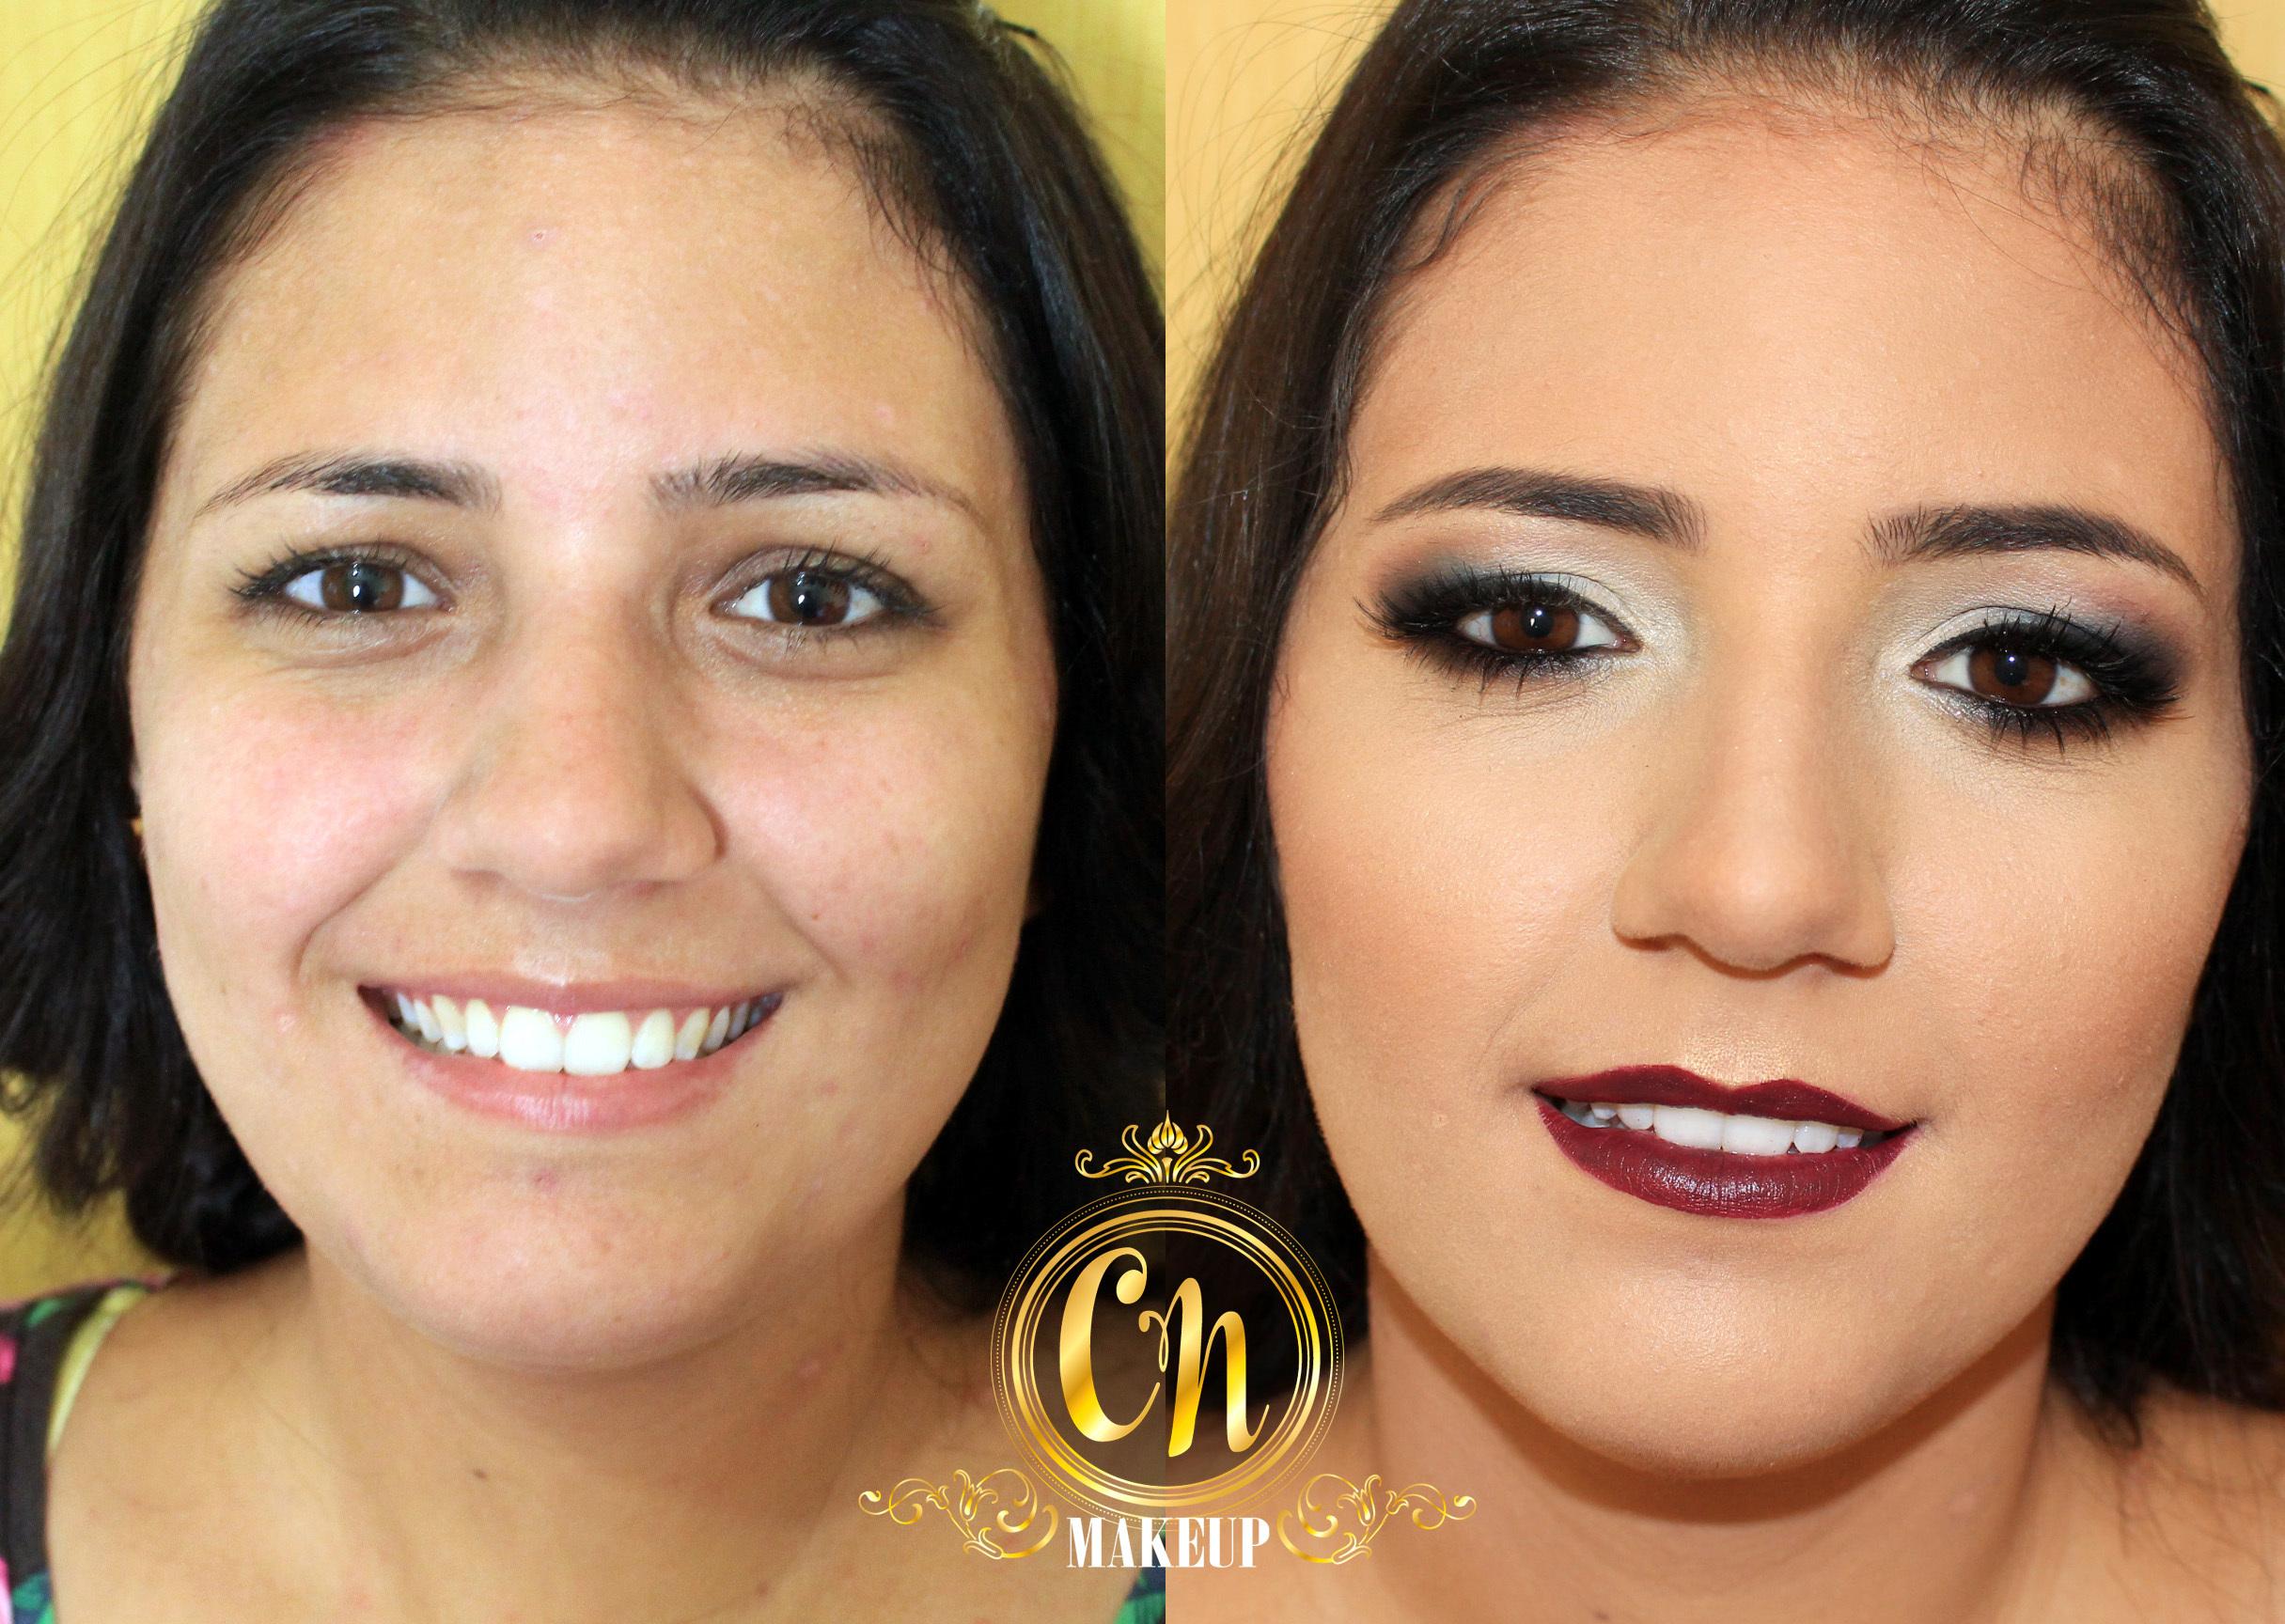 Outra cliente maravilhosa que teve sua beleza realçada por miiim ❤❤ . . #maquiagem #maquiagempro #maquiagemubatuba #maquiagens #pelemadura #maquiagemazul #antesedepois #producao #maquiadoraubatuba #portfolio #mua #makeuptransformation #beforeafter #maquiagemformatura #formanda #makeupartist maquiagem maquiador(a)